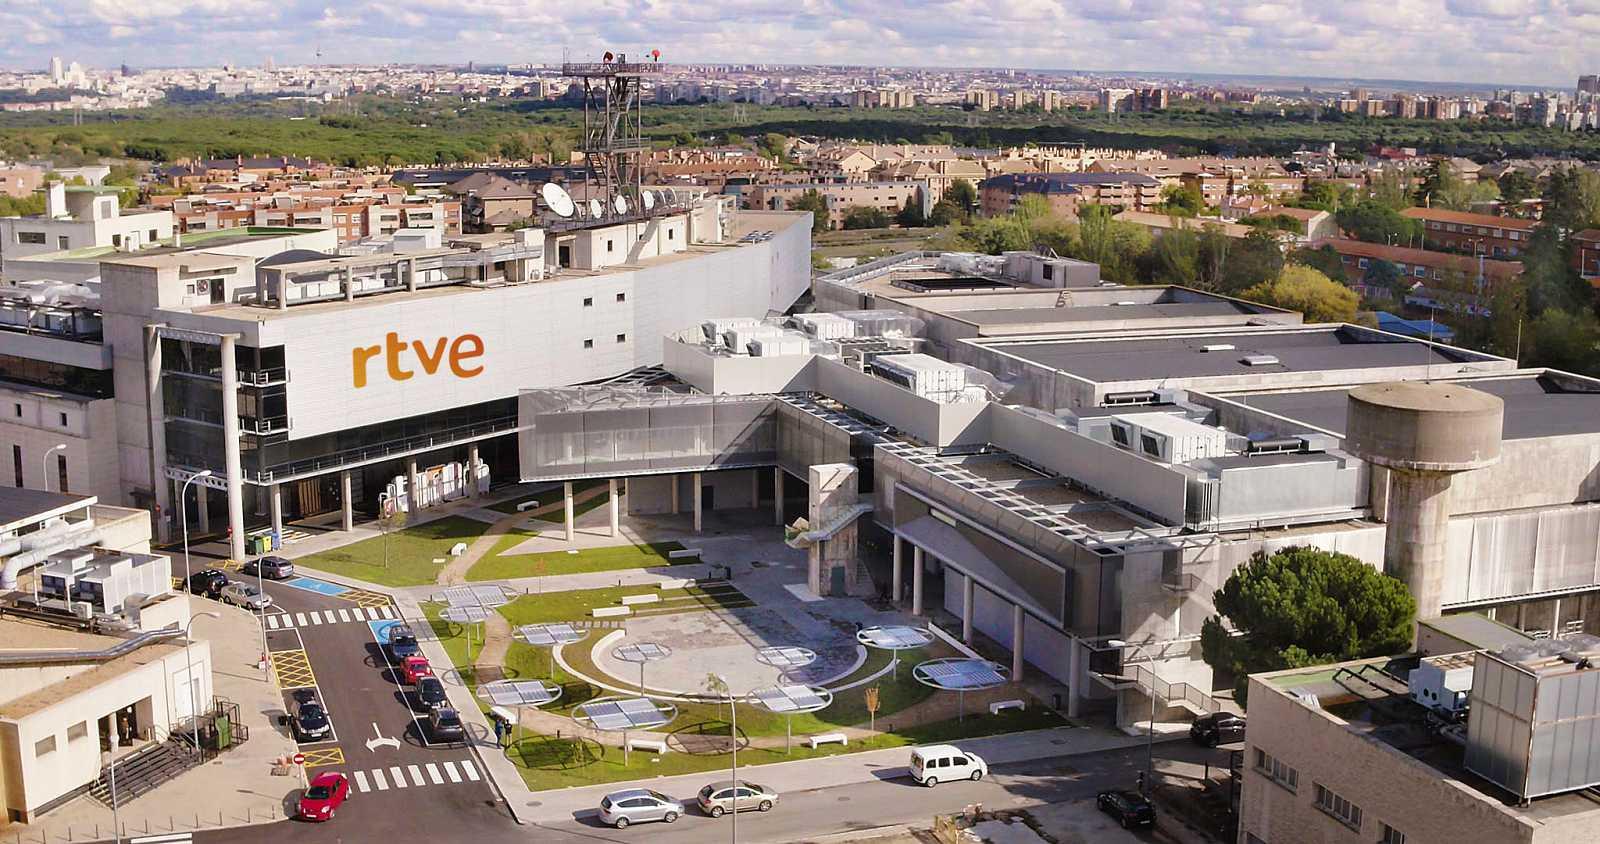 RTVE Prado del Rey